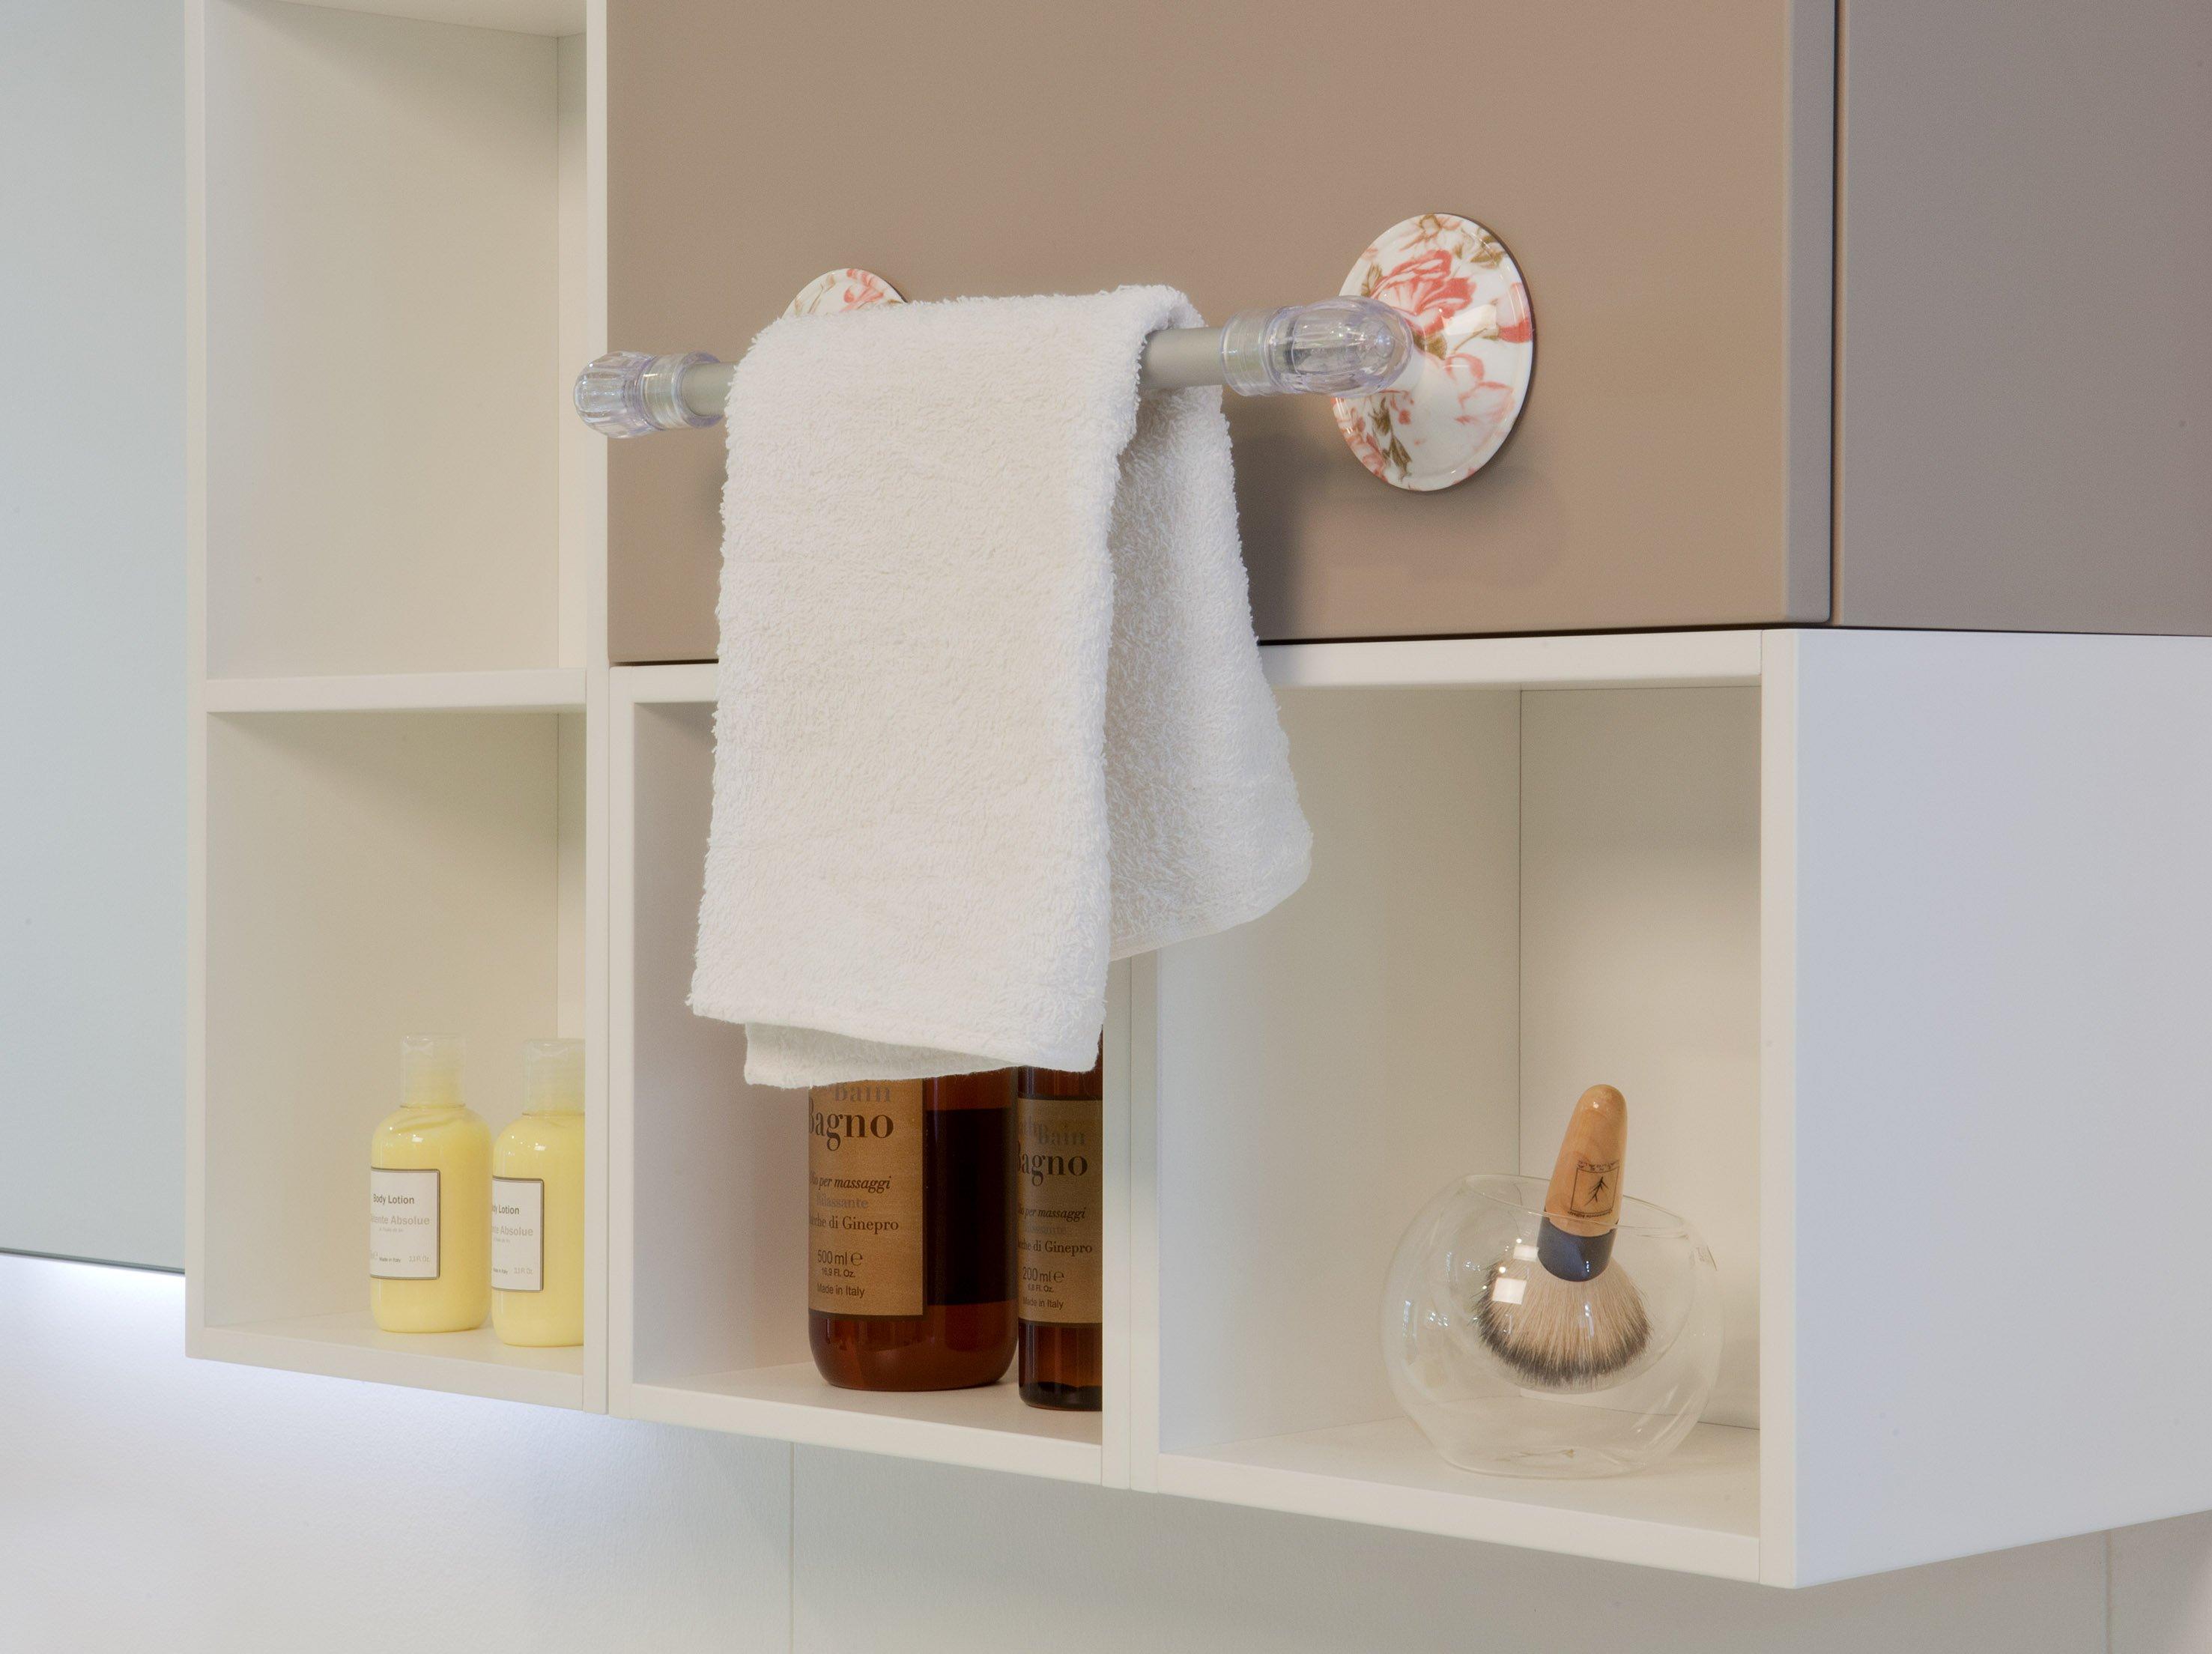 posa pi facile per i piccoli accessori per il bagno senza viti e tasselli utilizzando ventose che permettono grande flessibilit e variet duso